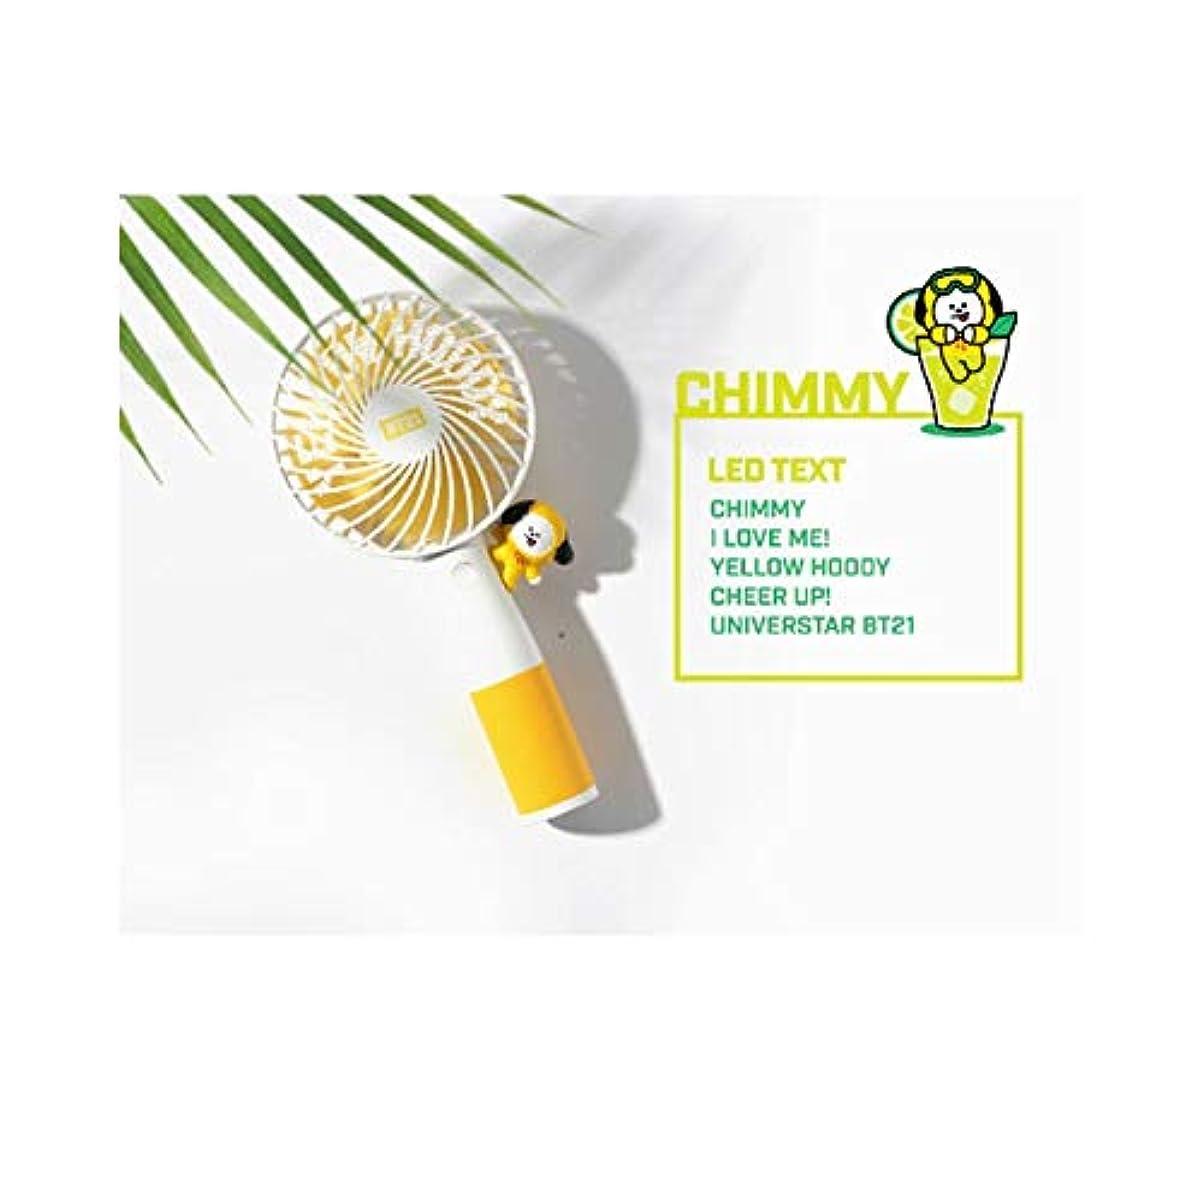 限り上へ山岳公式★BT21ハンディLED扇風機 携帯扇風機 2019 HANDYFAN7種 BTSグッズ 韓国語 (CHIMMY)